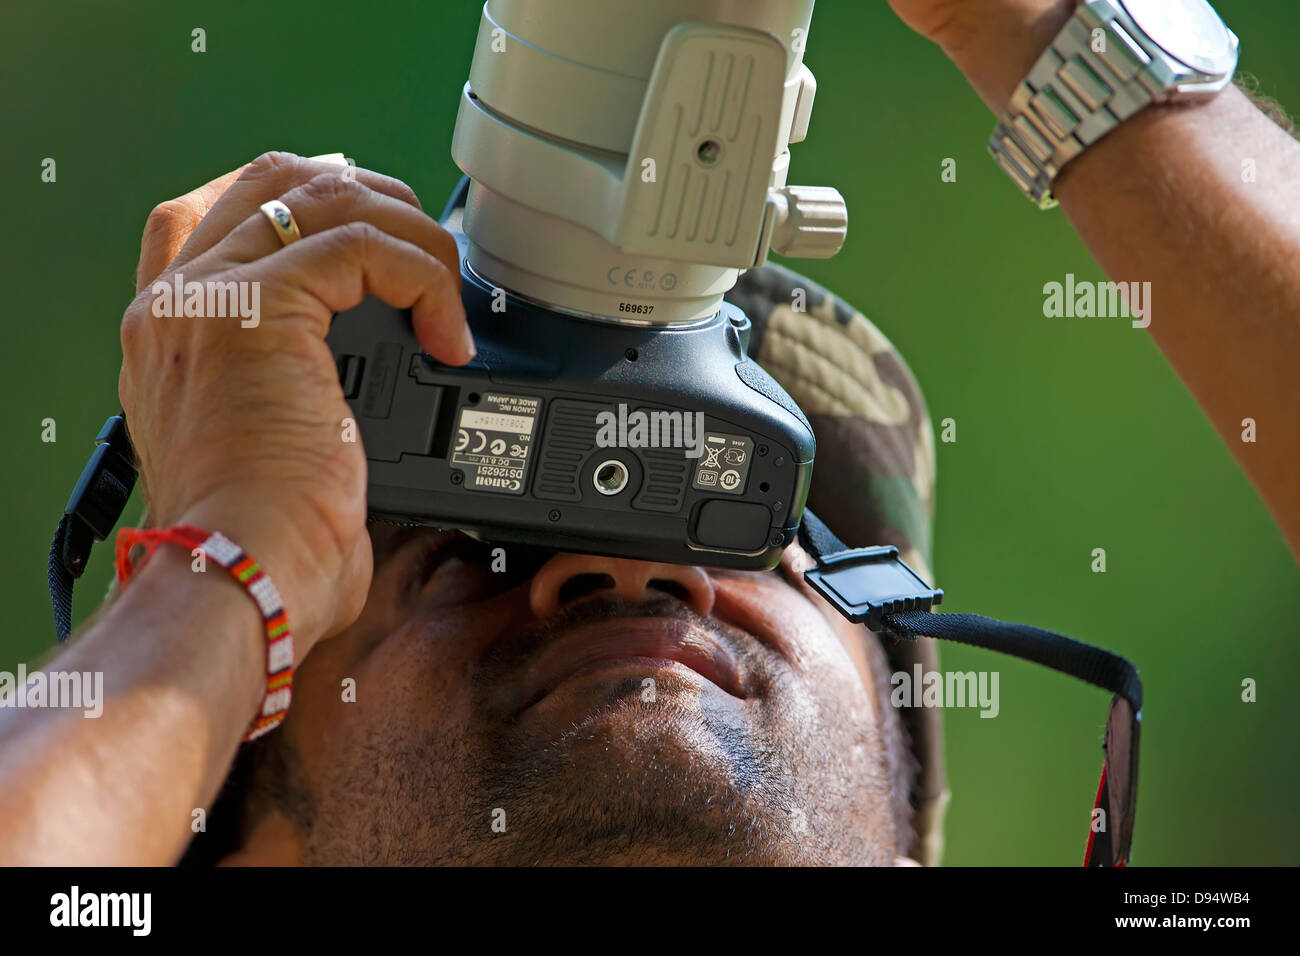 Photographe professionnel, photographe de la faune,tournage, Action,photo,trépied,haute concentration,angle, Photo Stock